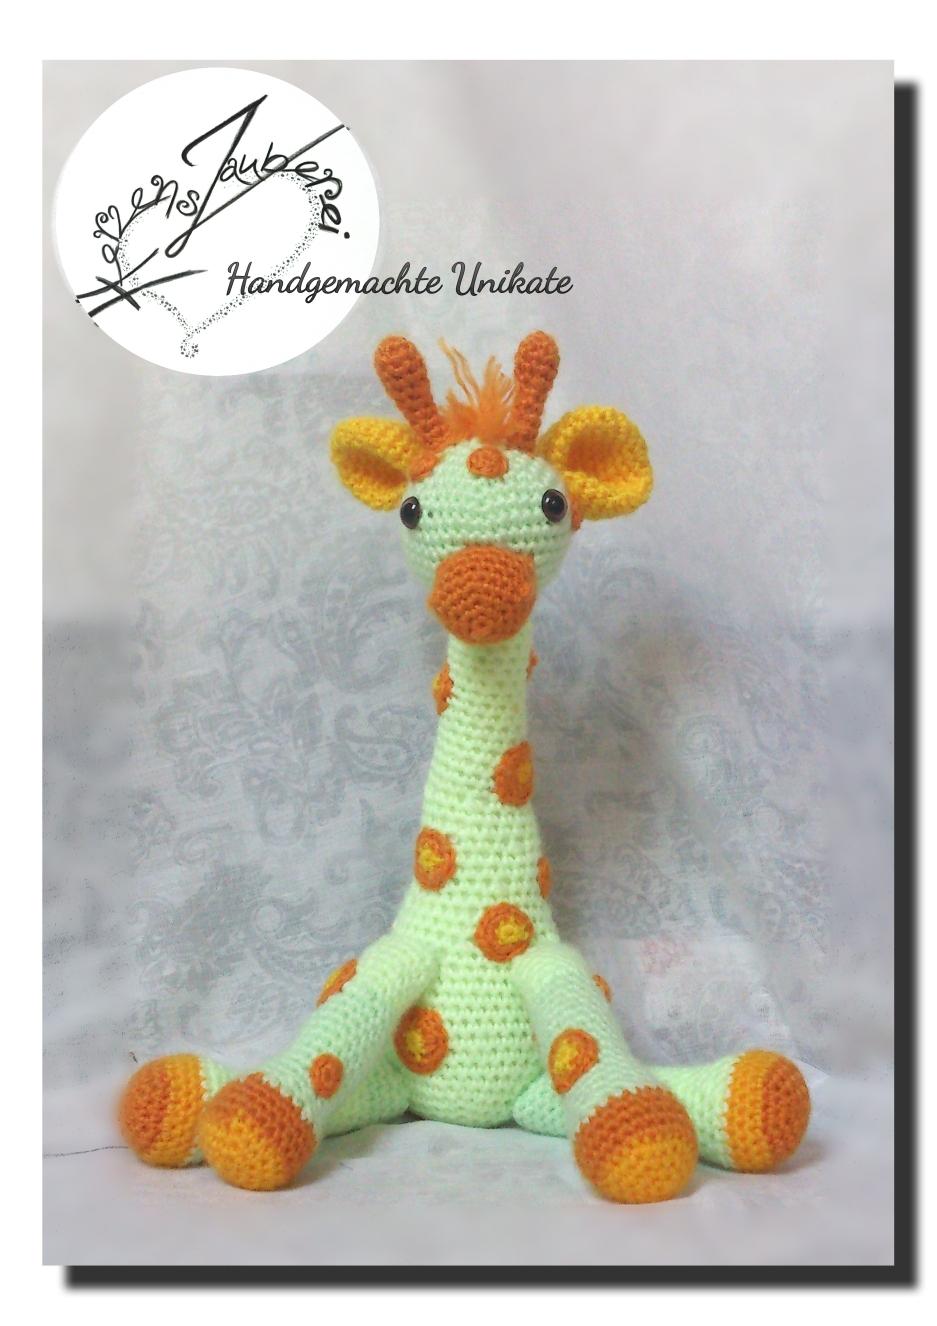 Giraffe ca 28cm gross, mit Rassel und Knisteröhrchen auf Wunsch. Chf 48.-